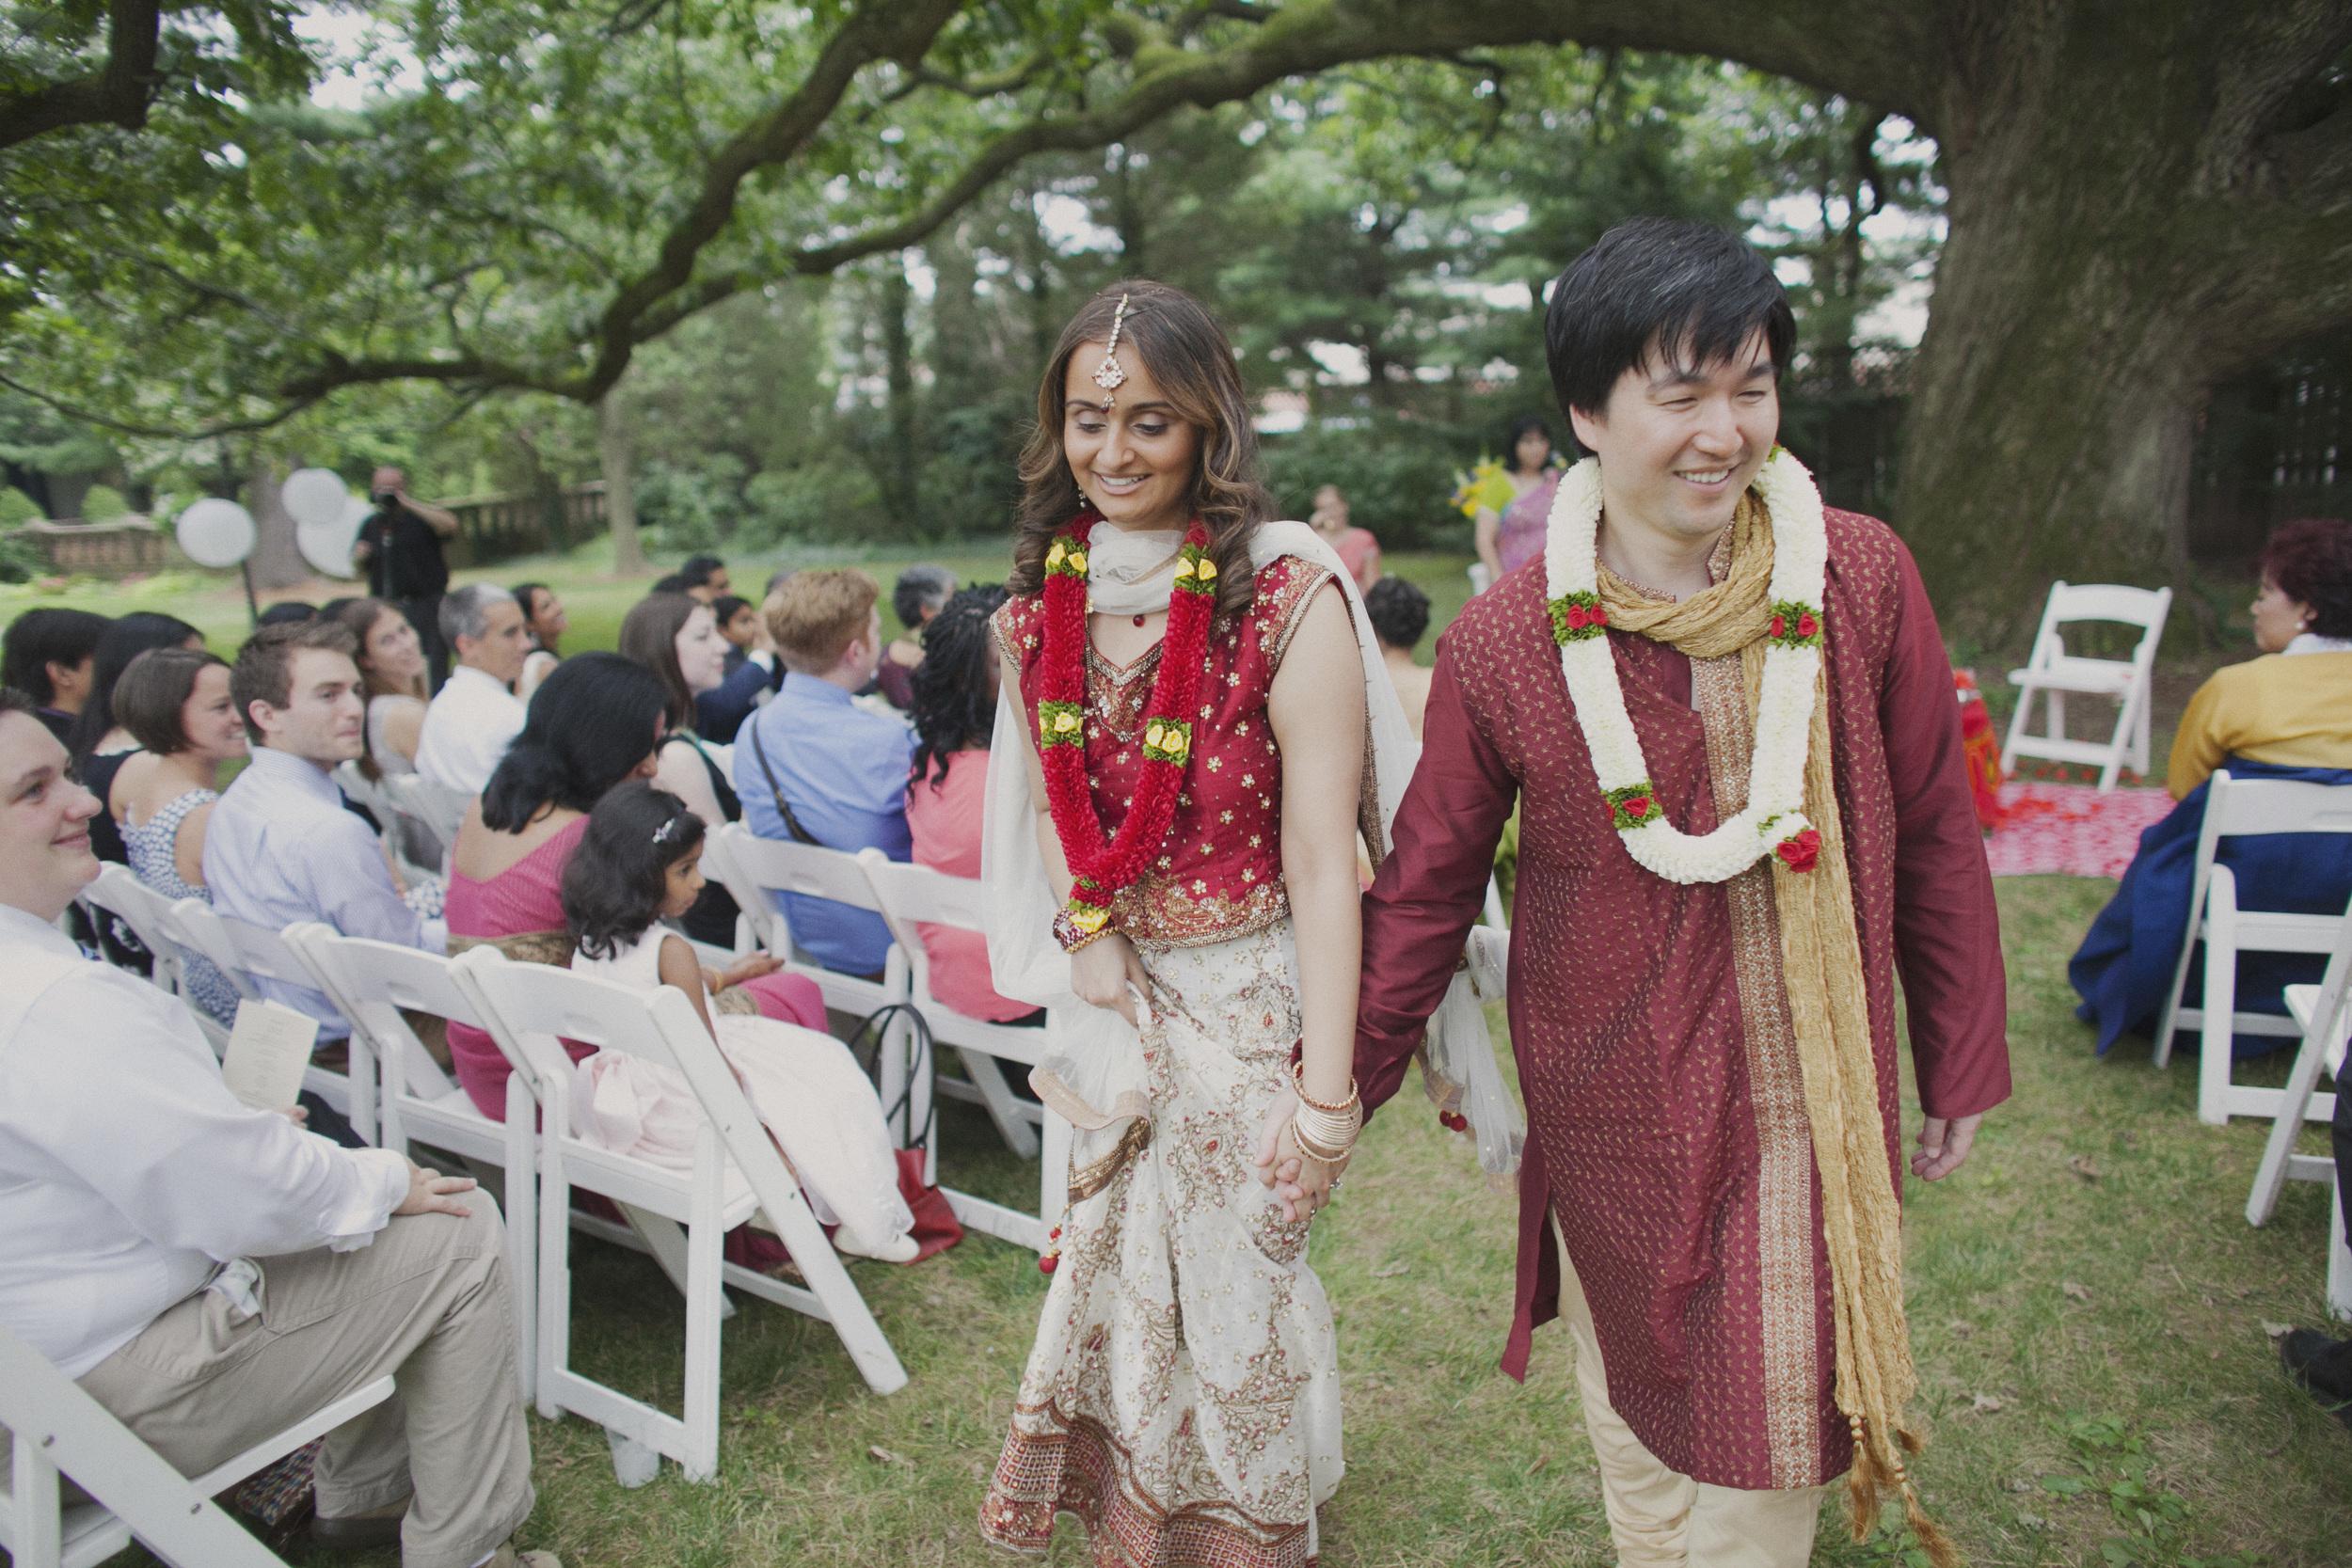 Bucks County wedding photographerBucks County wedding photographer